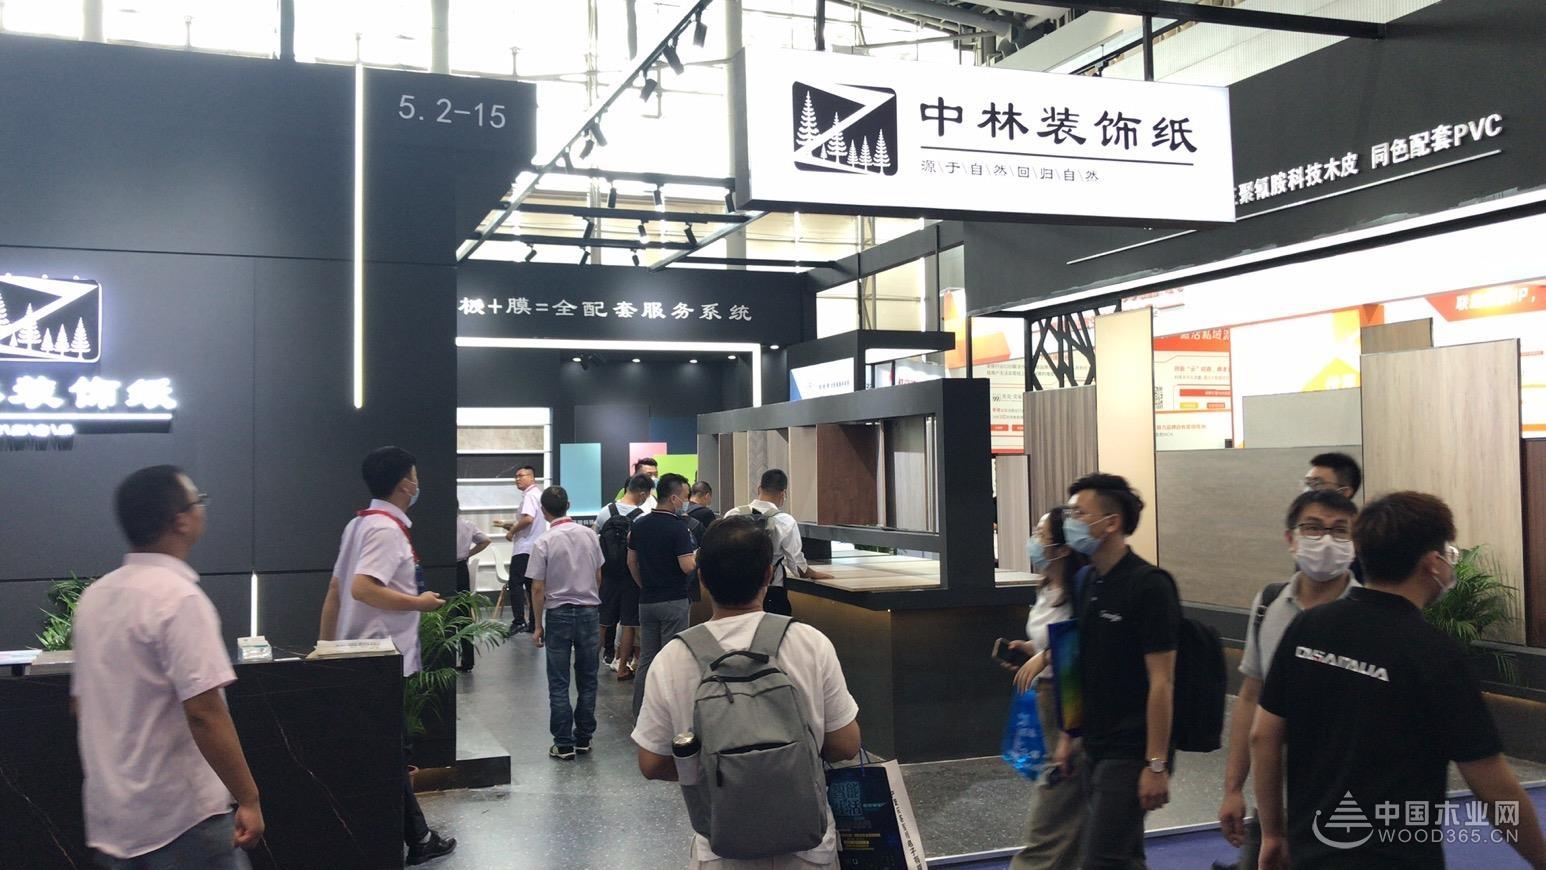 创新发展 中林装饰实力亮相广州建博会